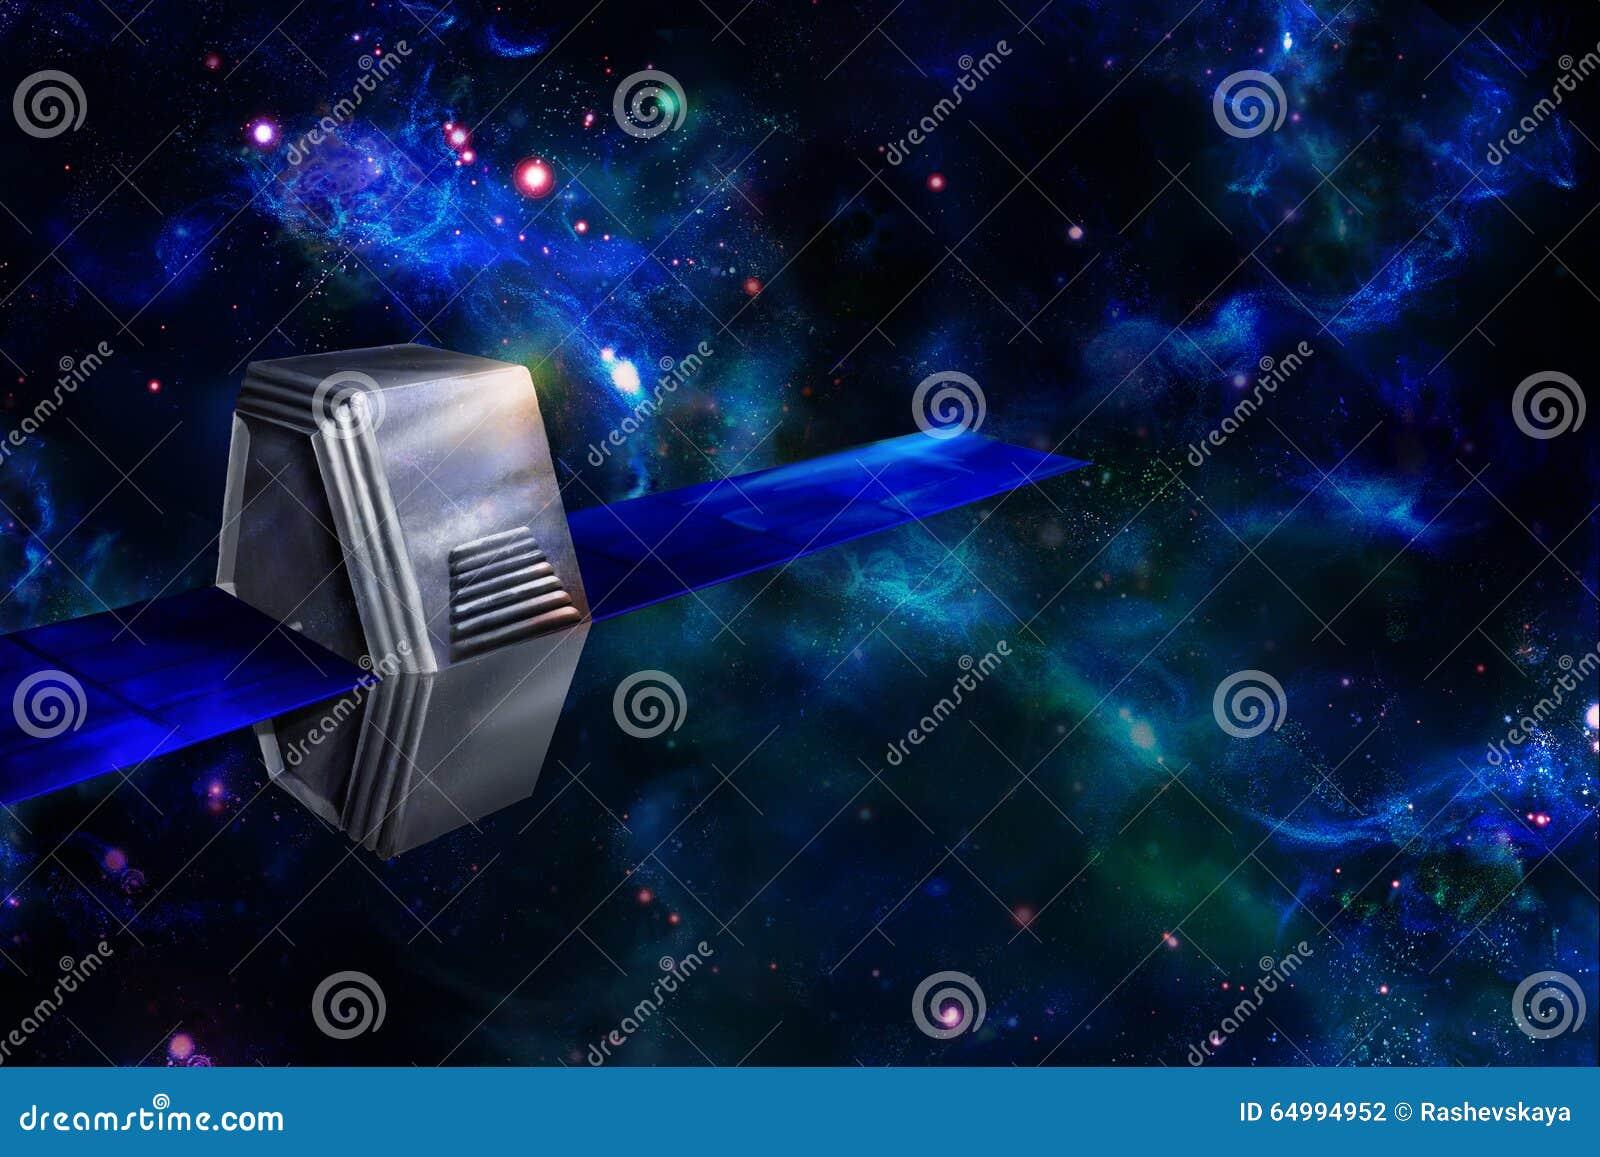 Satellite artificiale o veicolo spaziale nello spazio